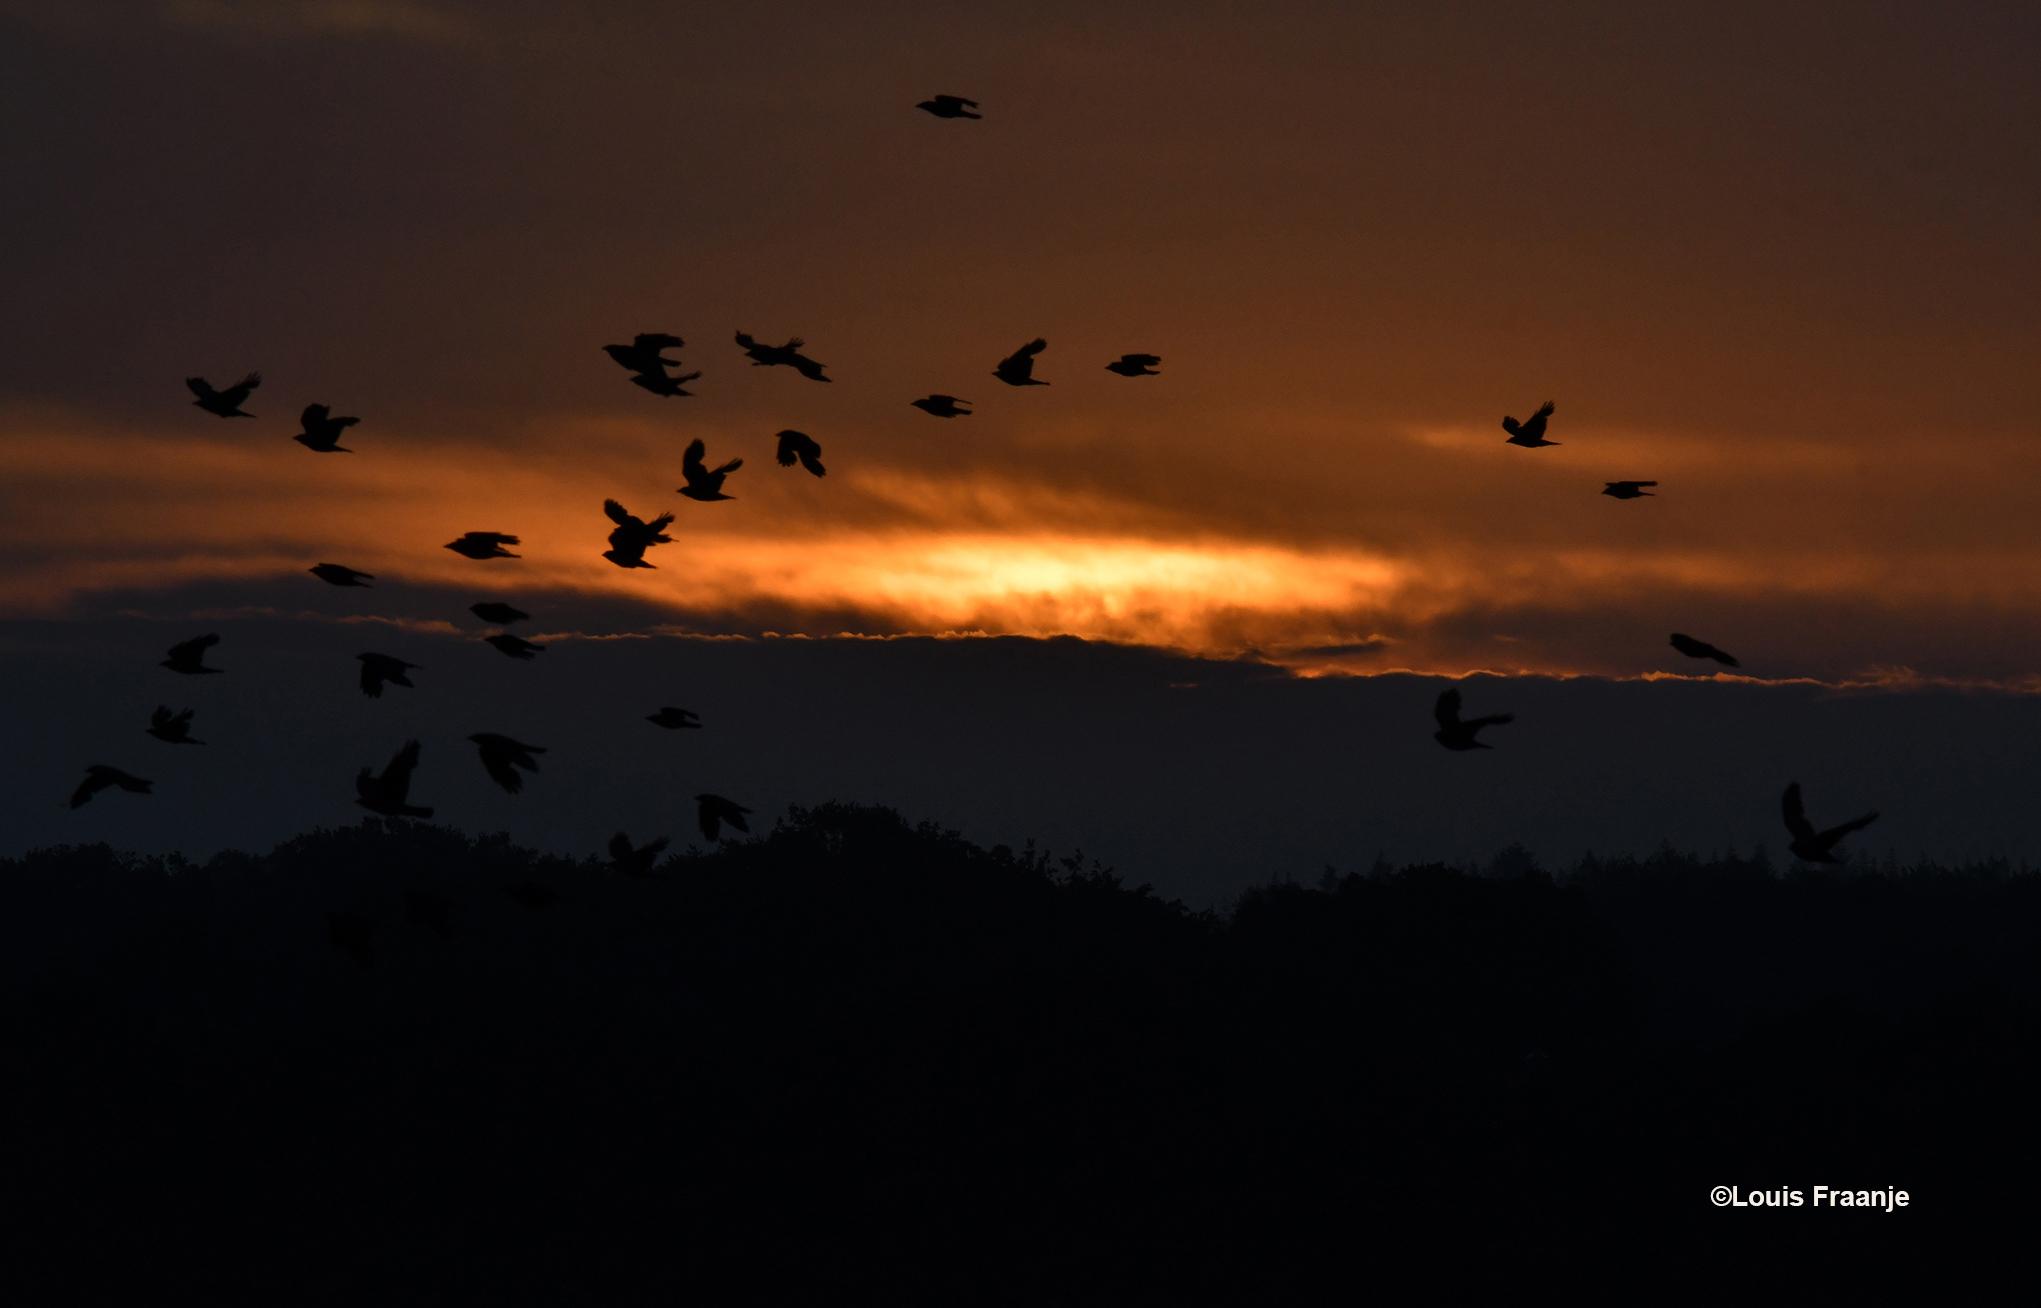 Terwijl de zon door het wolkendek probeerde heen te dringen, kwamen er ineens een hele zwerm kraaien voorbij vliegen - Foto: ©Louis Fraanje